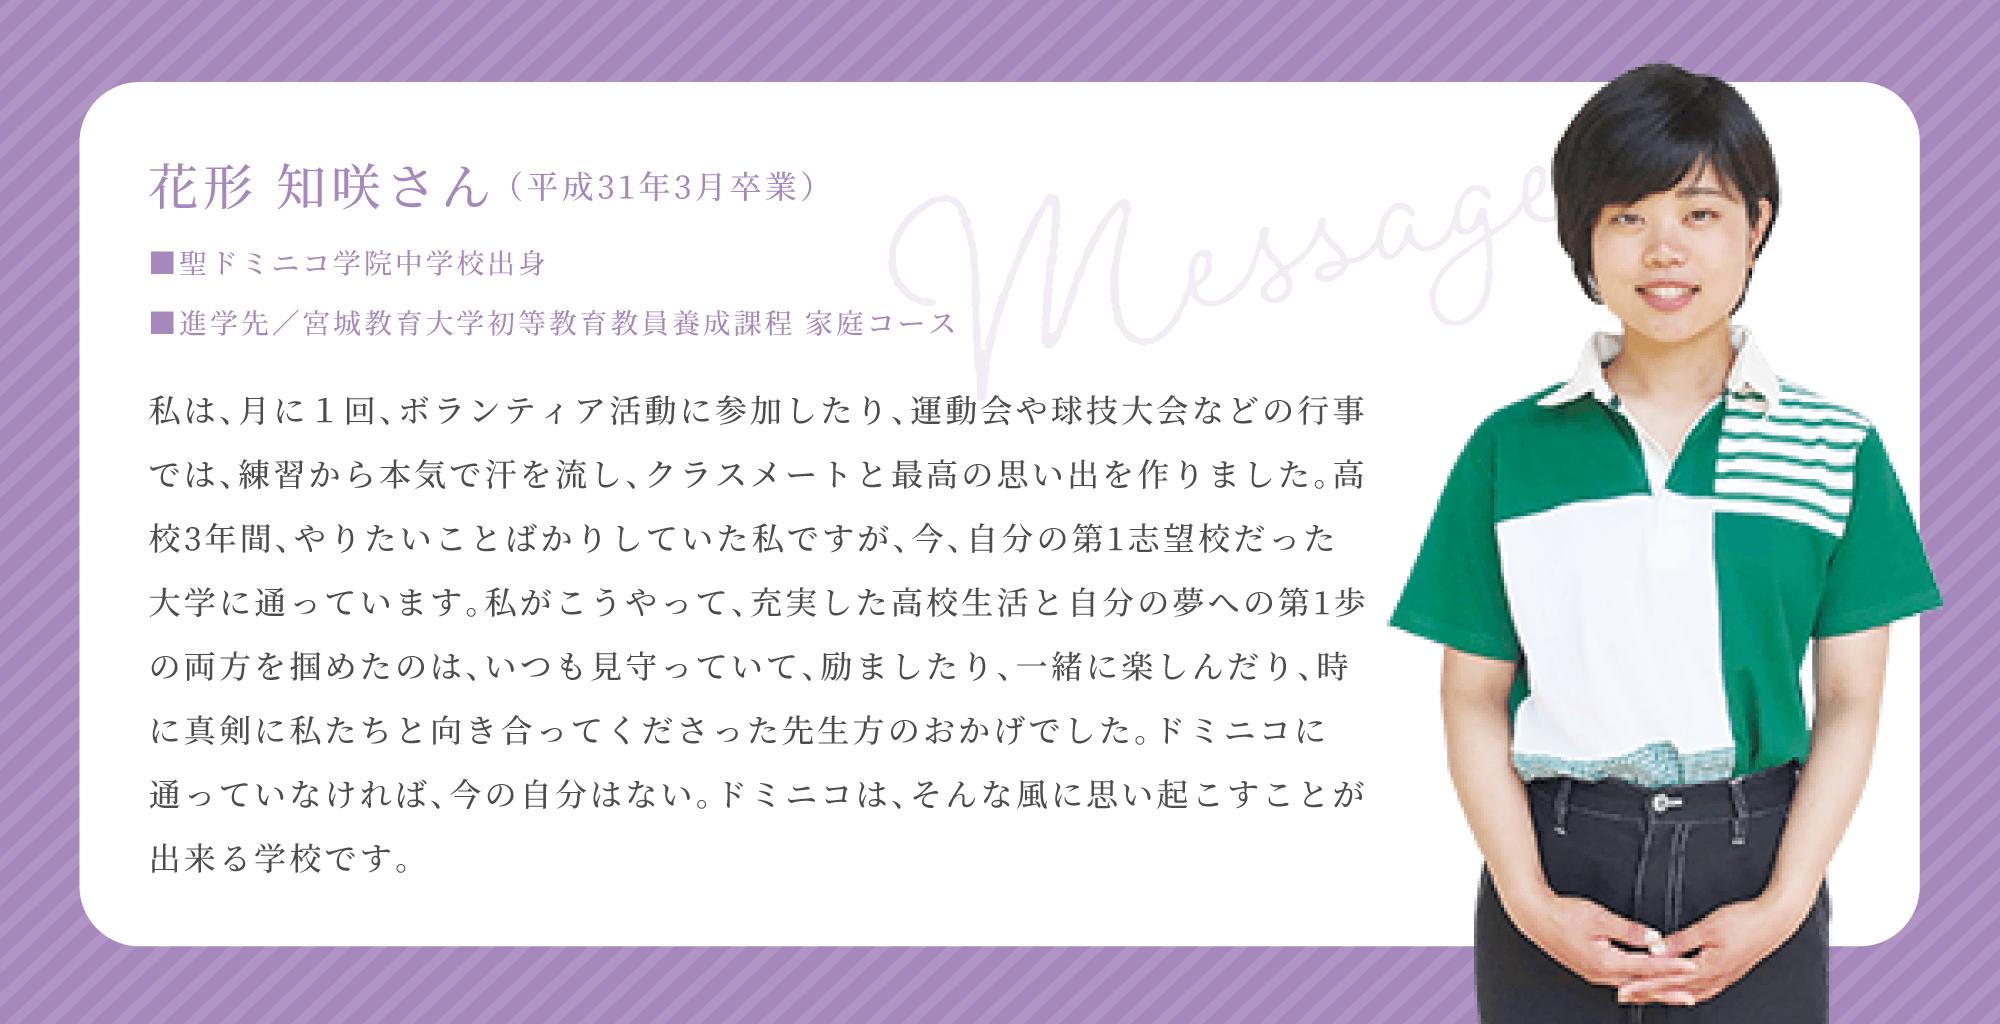 花形 知咲さん (平成31年3月卒業)